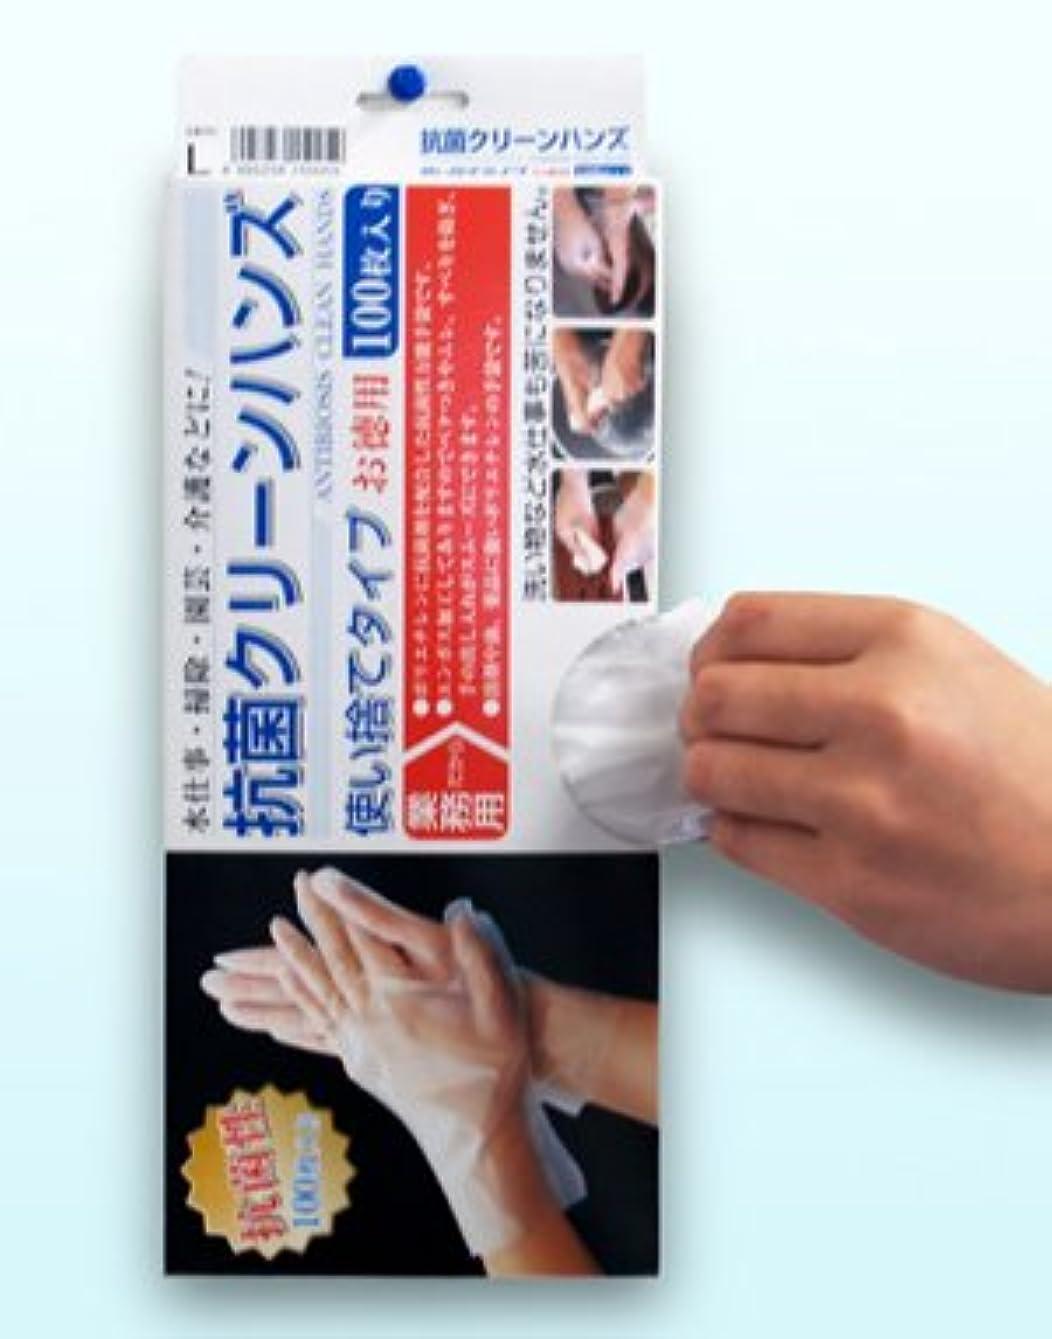 さびたカレッジ配送抗菌クリーンハンズ箱入 Lサイズ(100枚箱入) - ポリエチレンに抗菌剤を配合した抗菌性万能手袋です。